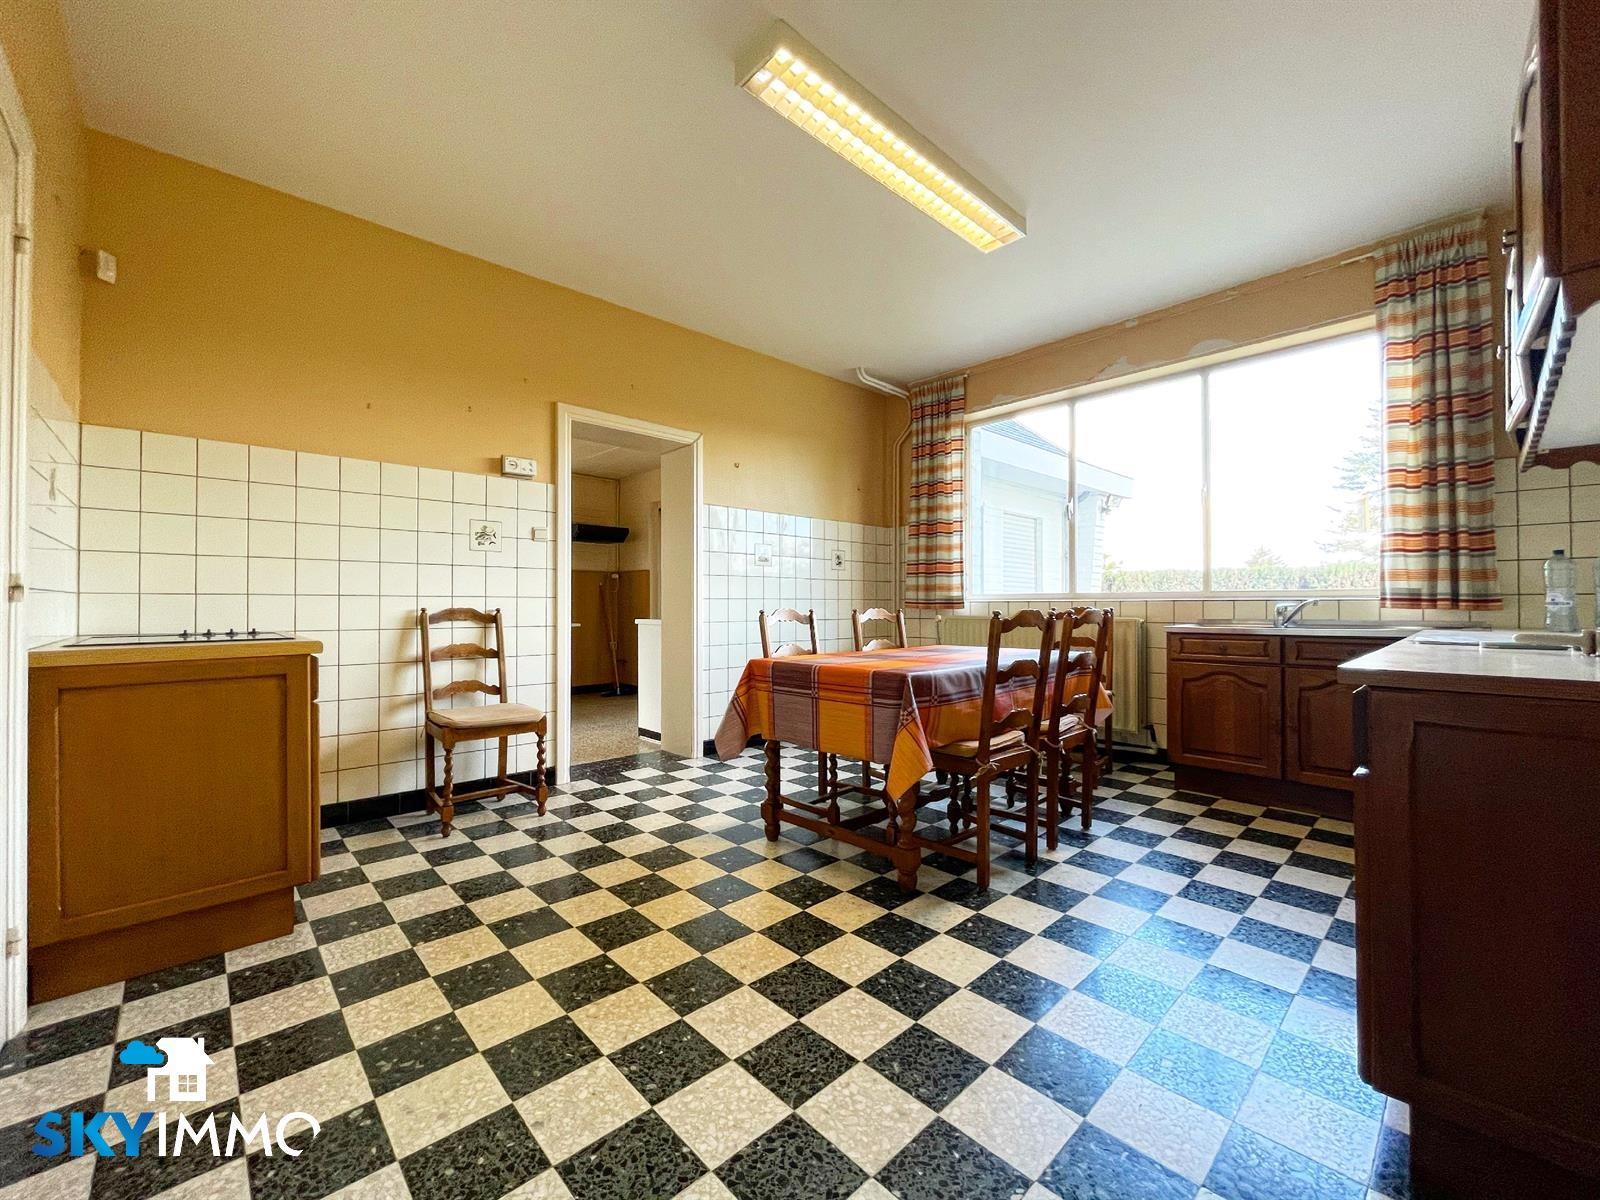 Huis - Liege - #4401919-10